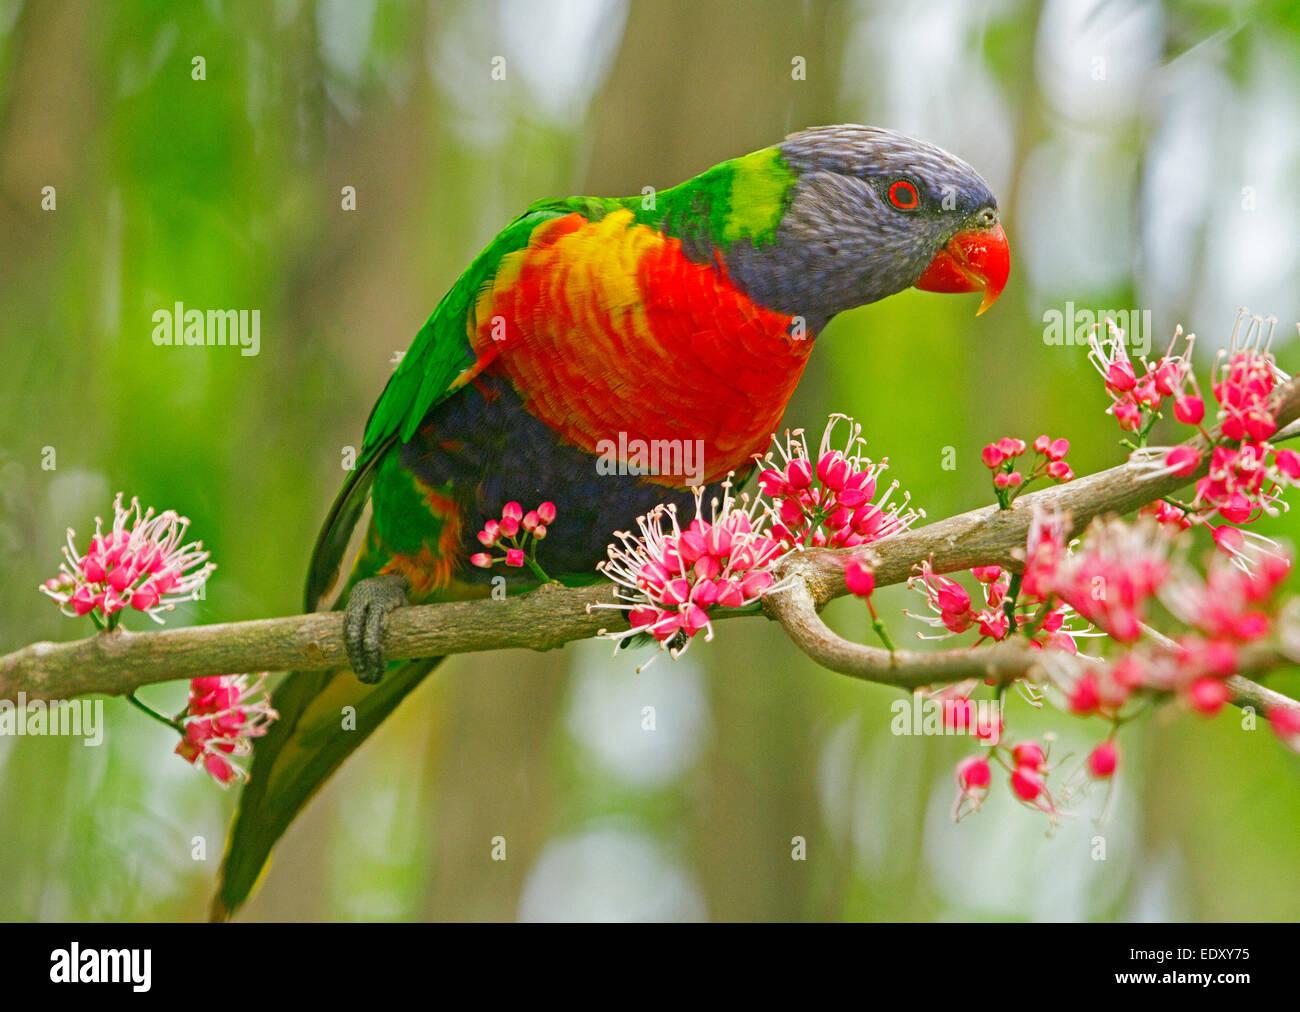 Vivacemente colorato rainbow lorikeet, pappagallo australiano nel selvaggio tra grappoli di fiori di colore rosa Immagini Stock